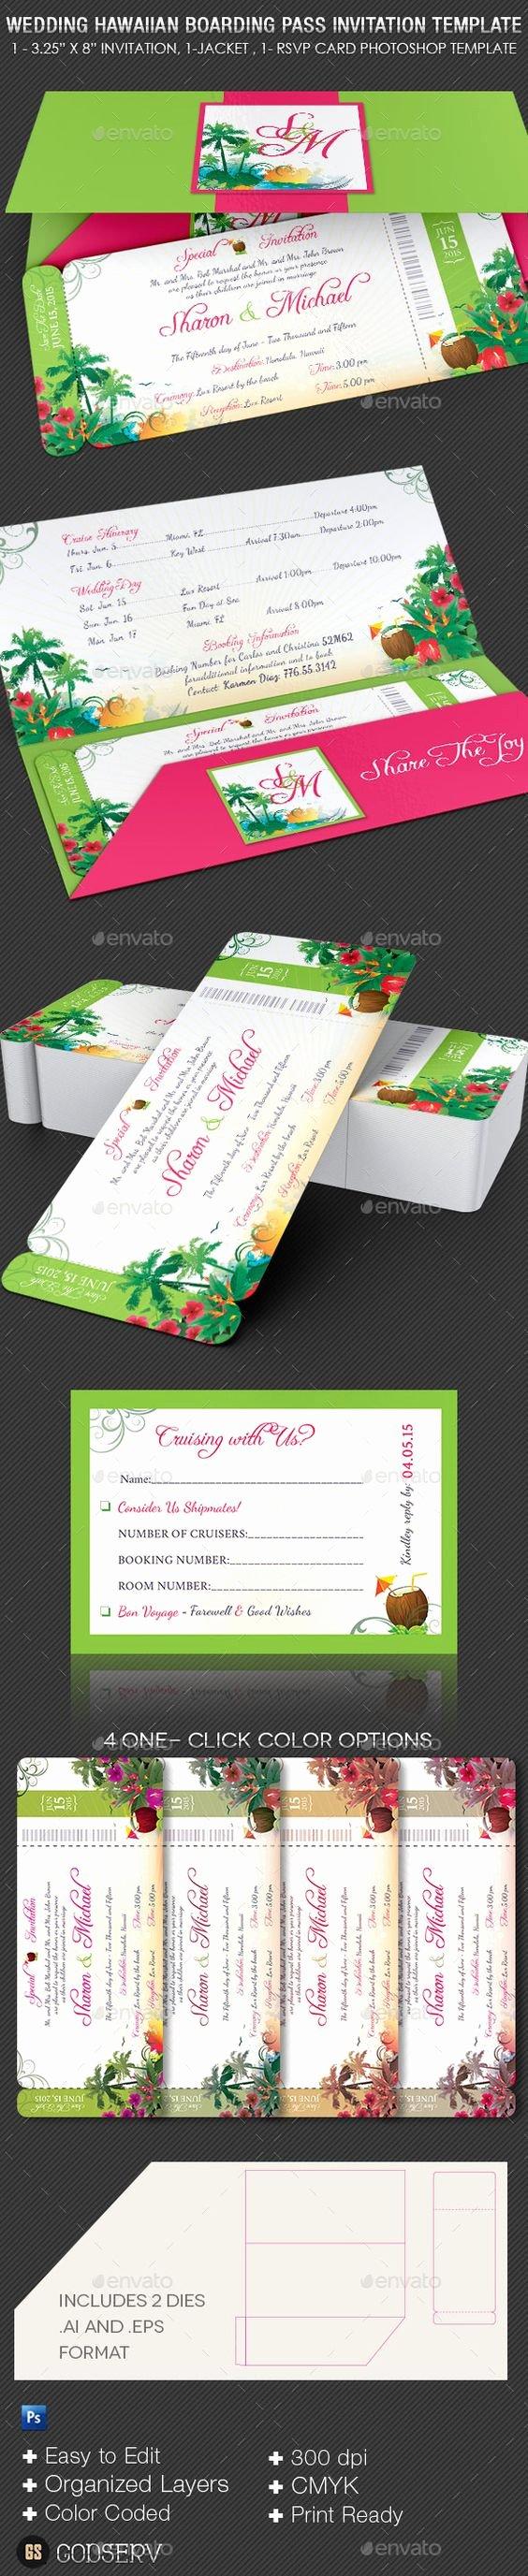 Boarding Pass Template Photoshop Unique Wedding Hawaiian Boarding Pass Invitation Template